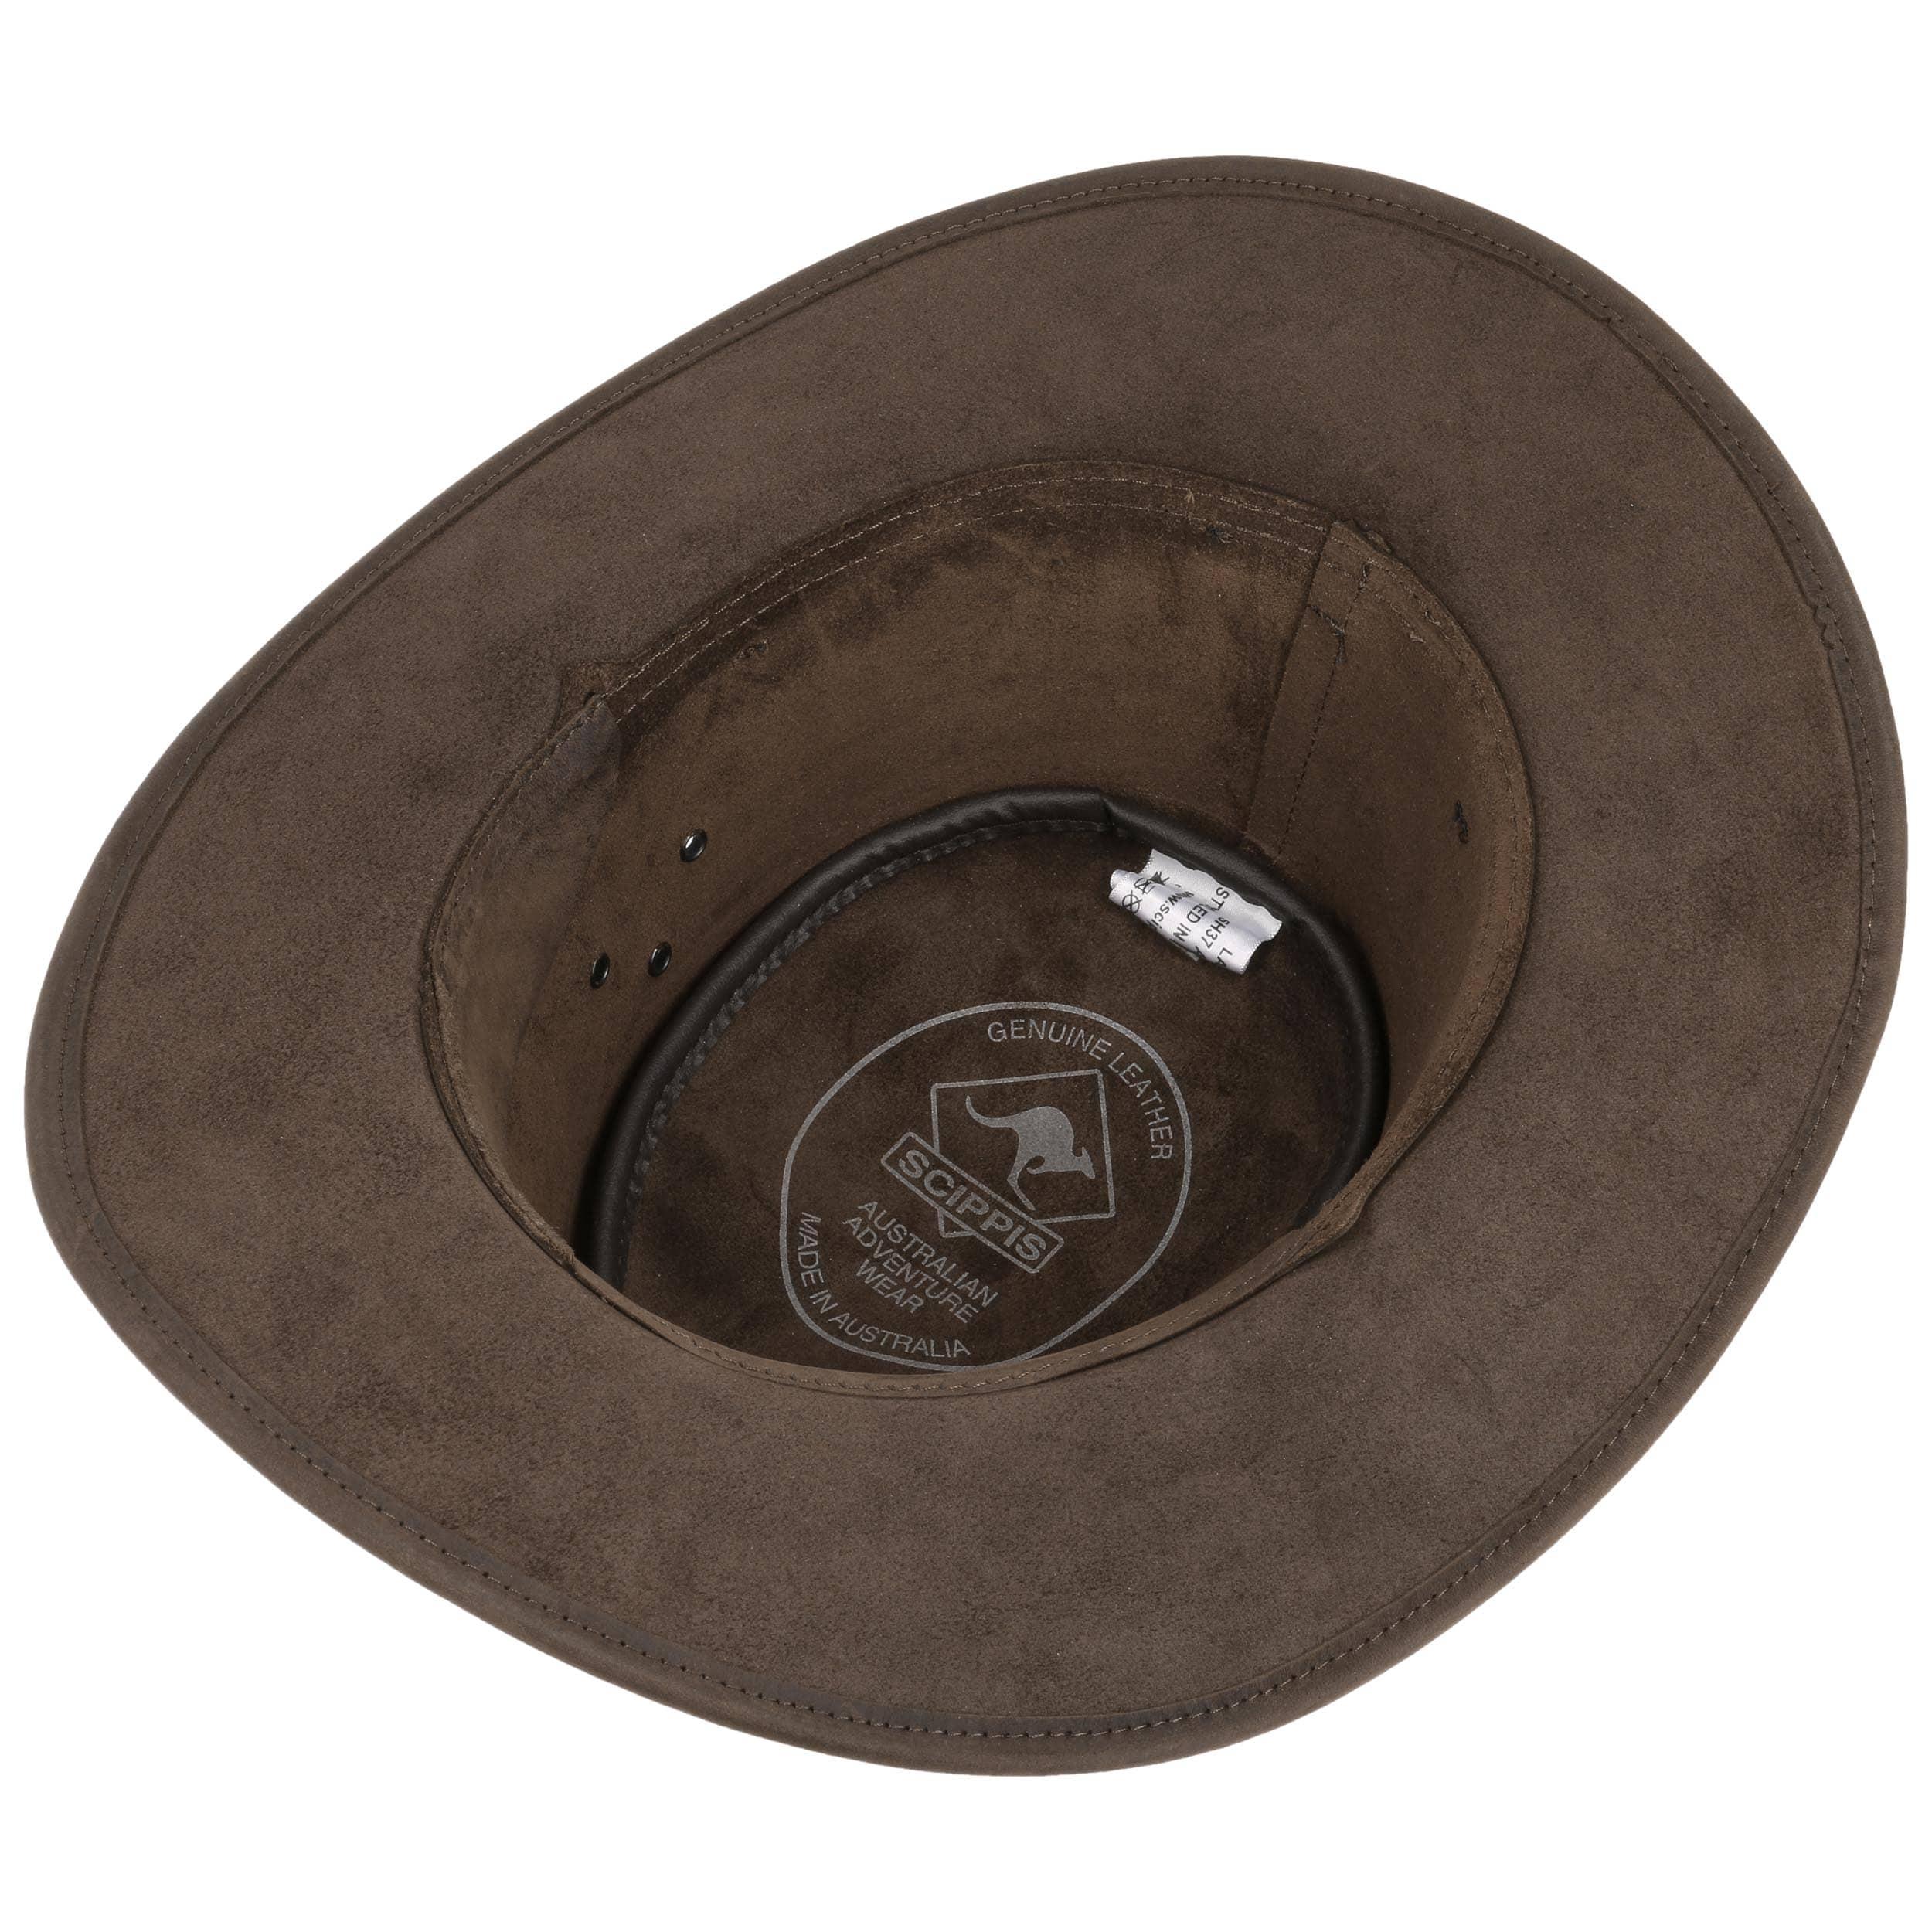 ... Sombrero de Piel Albury Stonewashed by Scippis - marrón 2 ... 32f6f027841